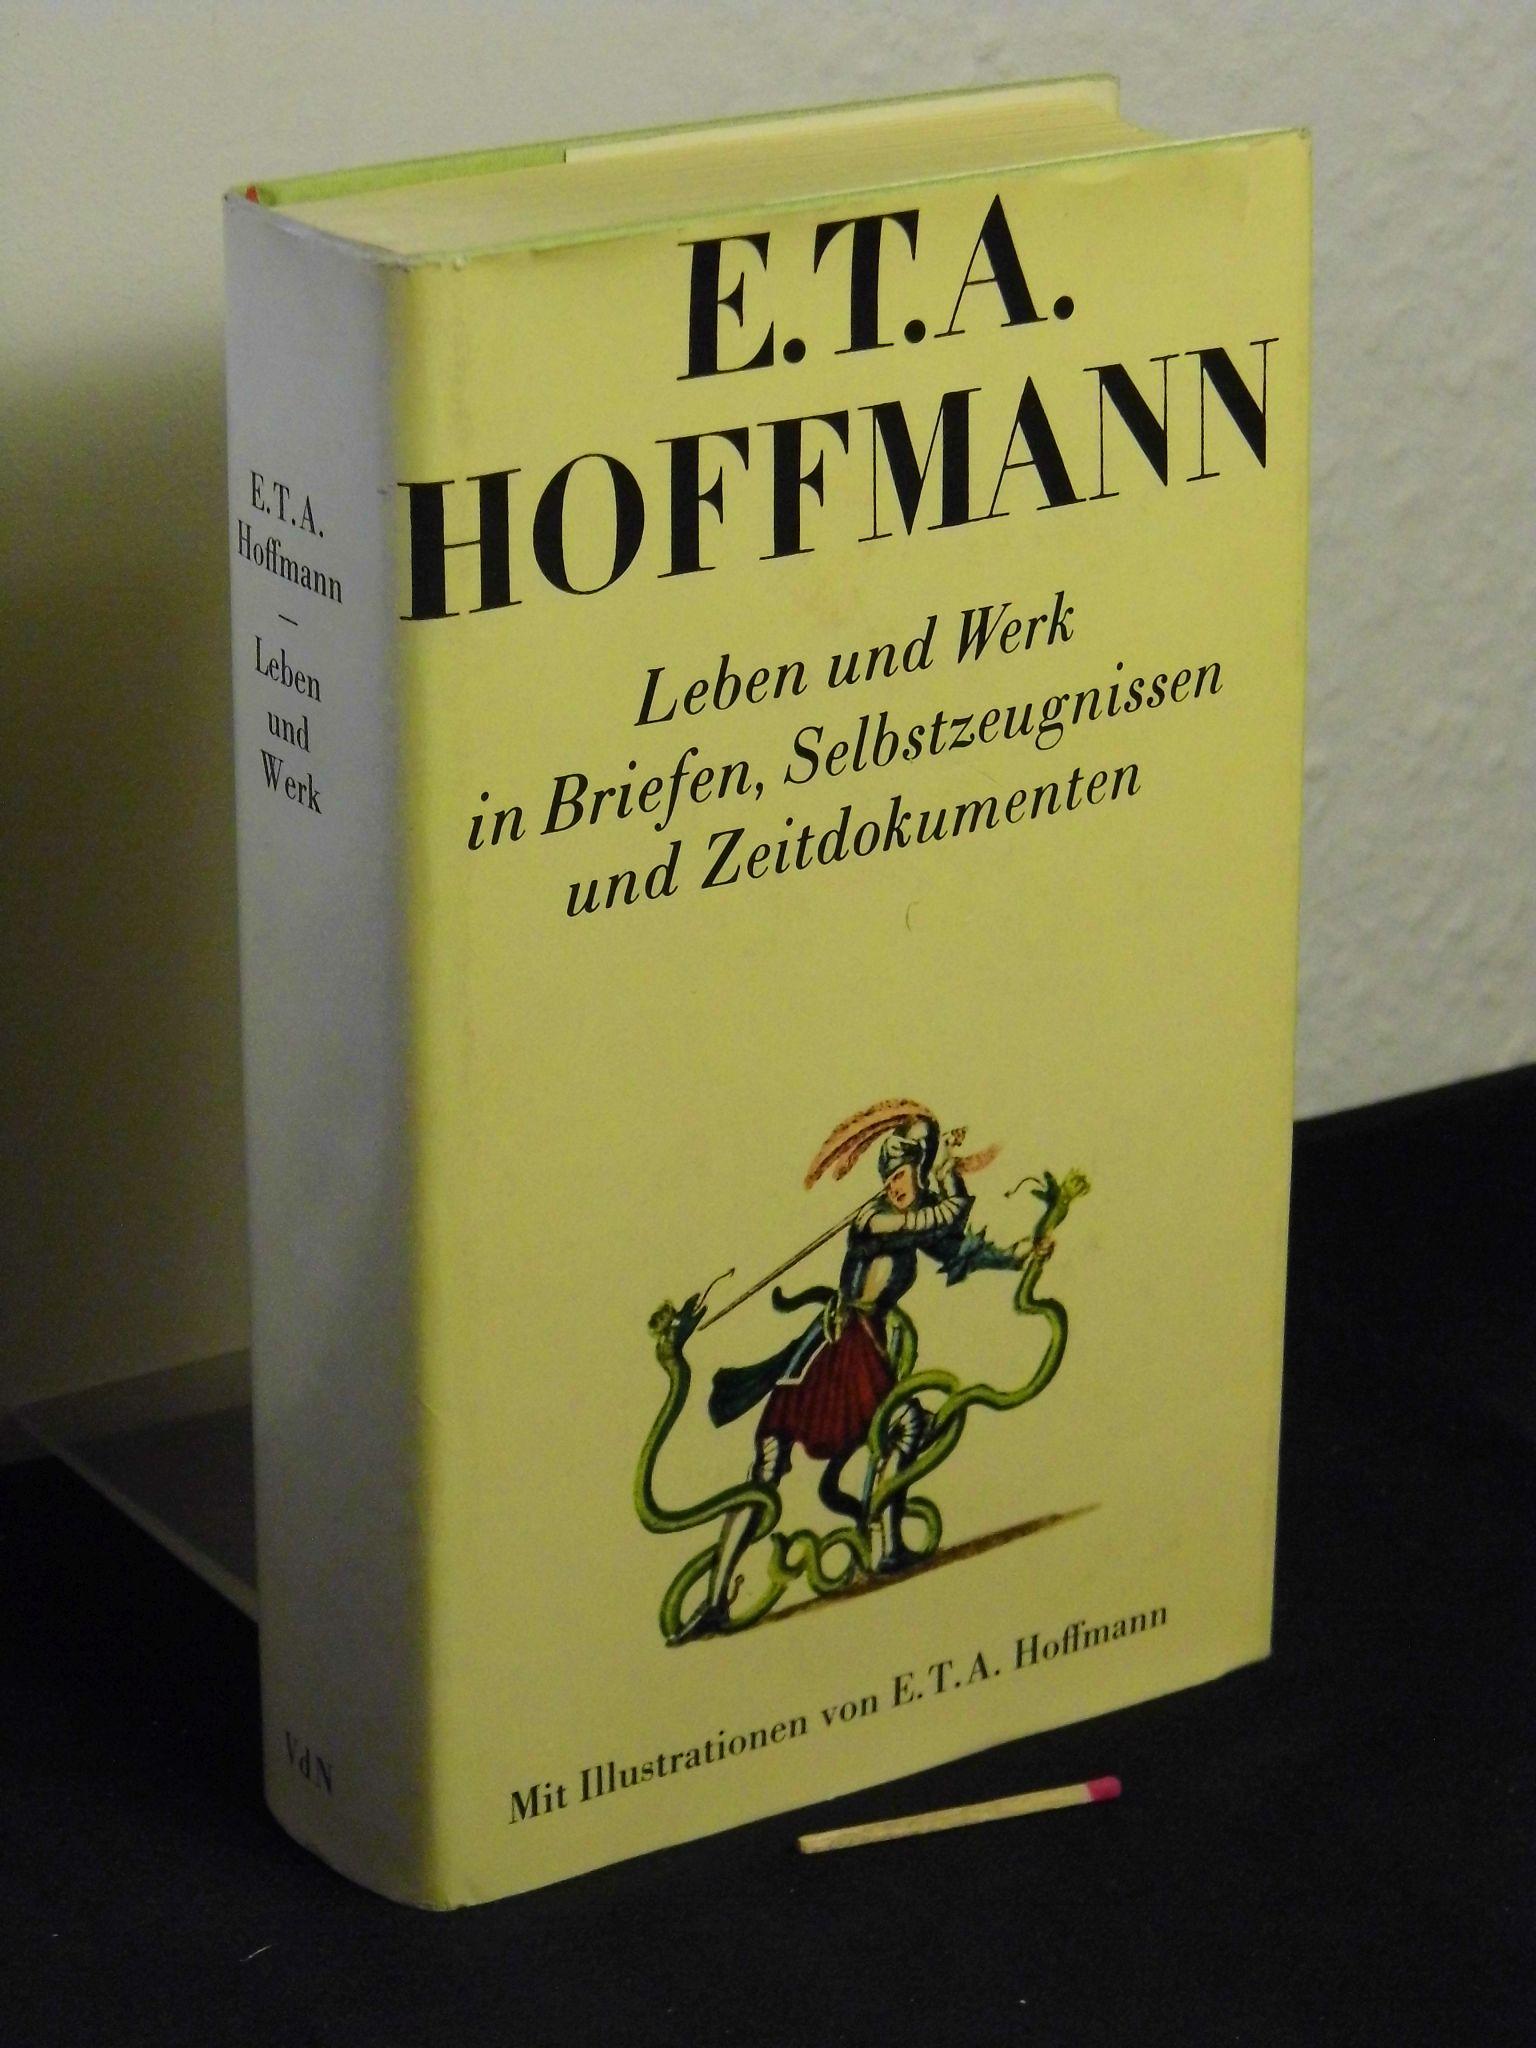 E.T.A. Hoffmann - Leben und Werk in Briefen, Selbstzeugnissen und Zeitdokumenten -